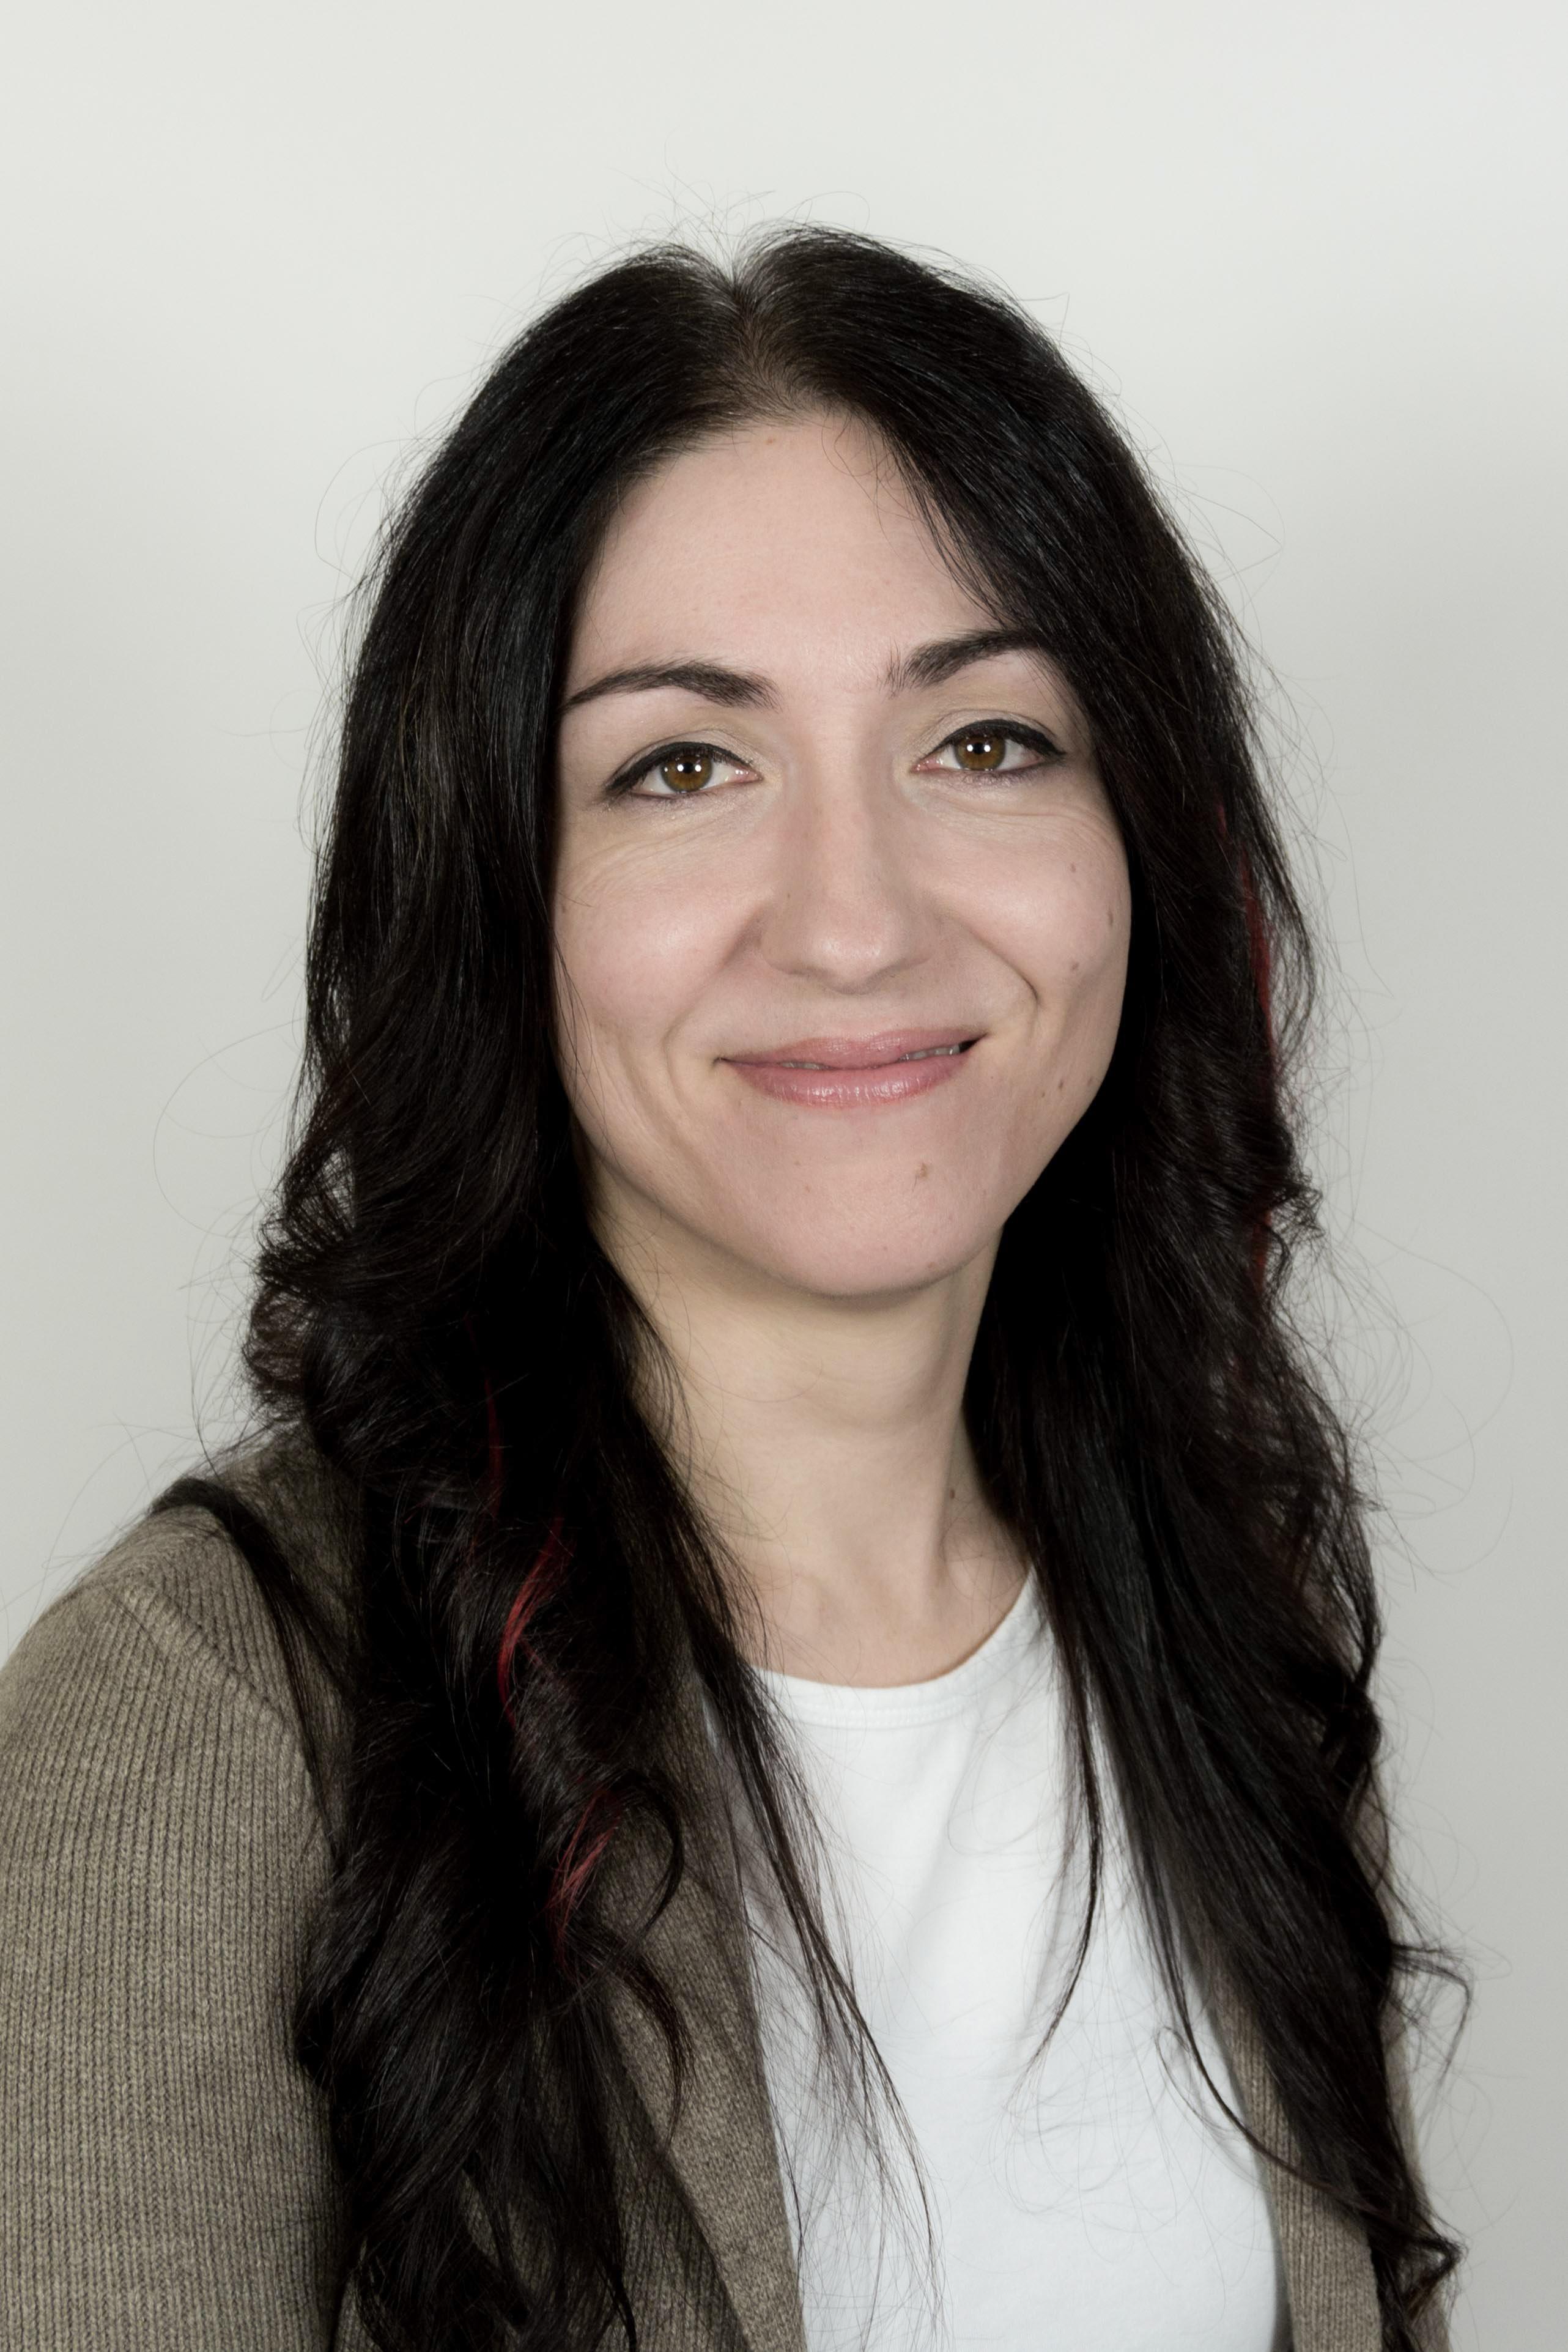 Melanie Musmann-Blech